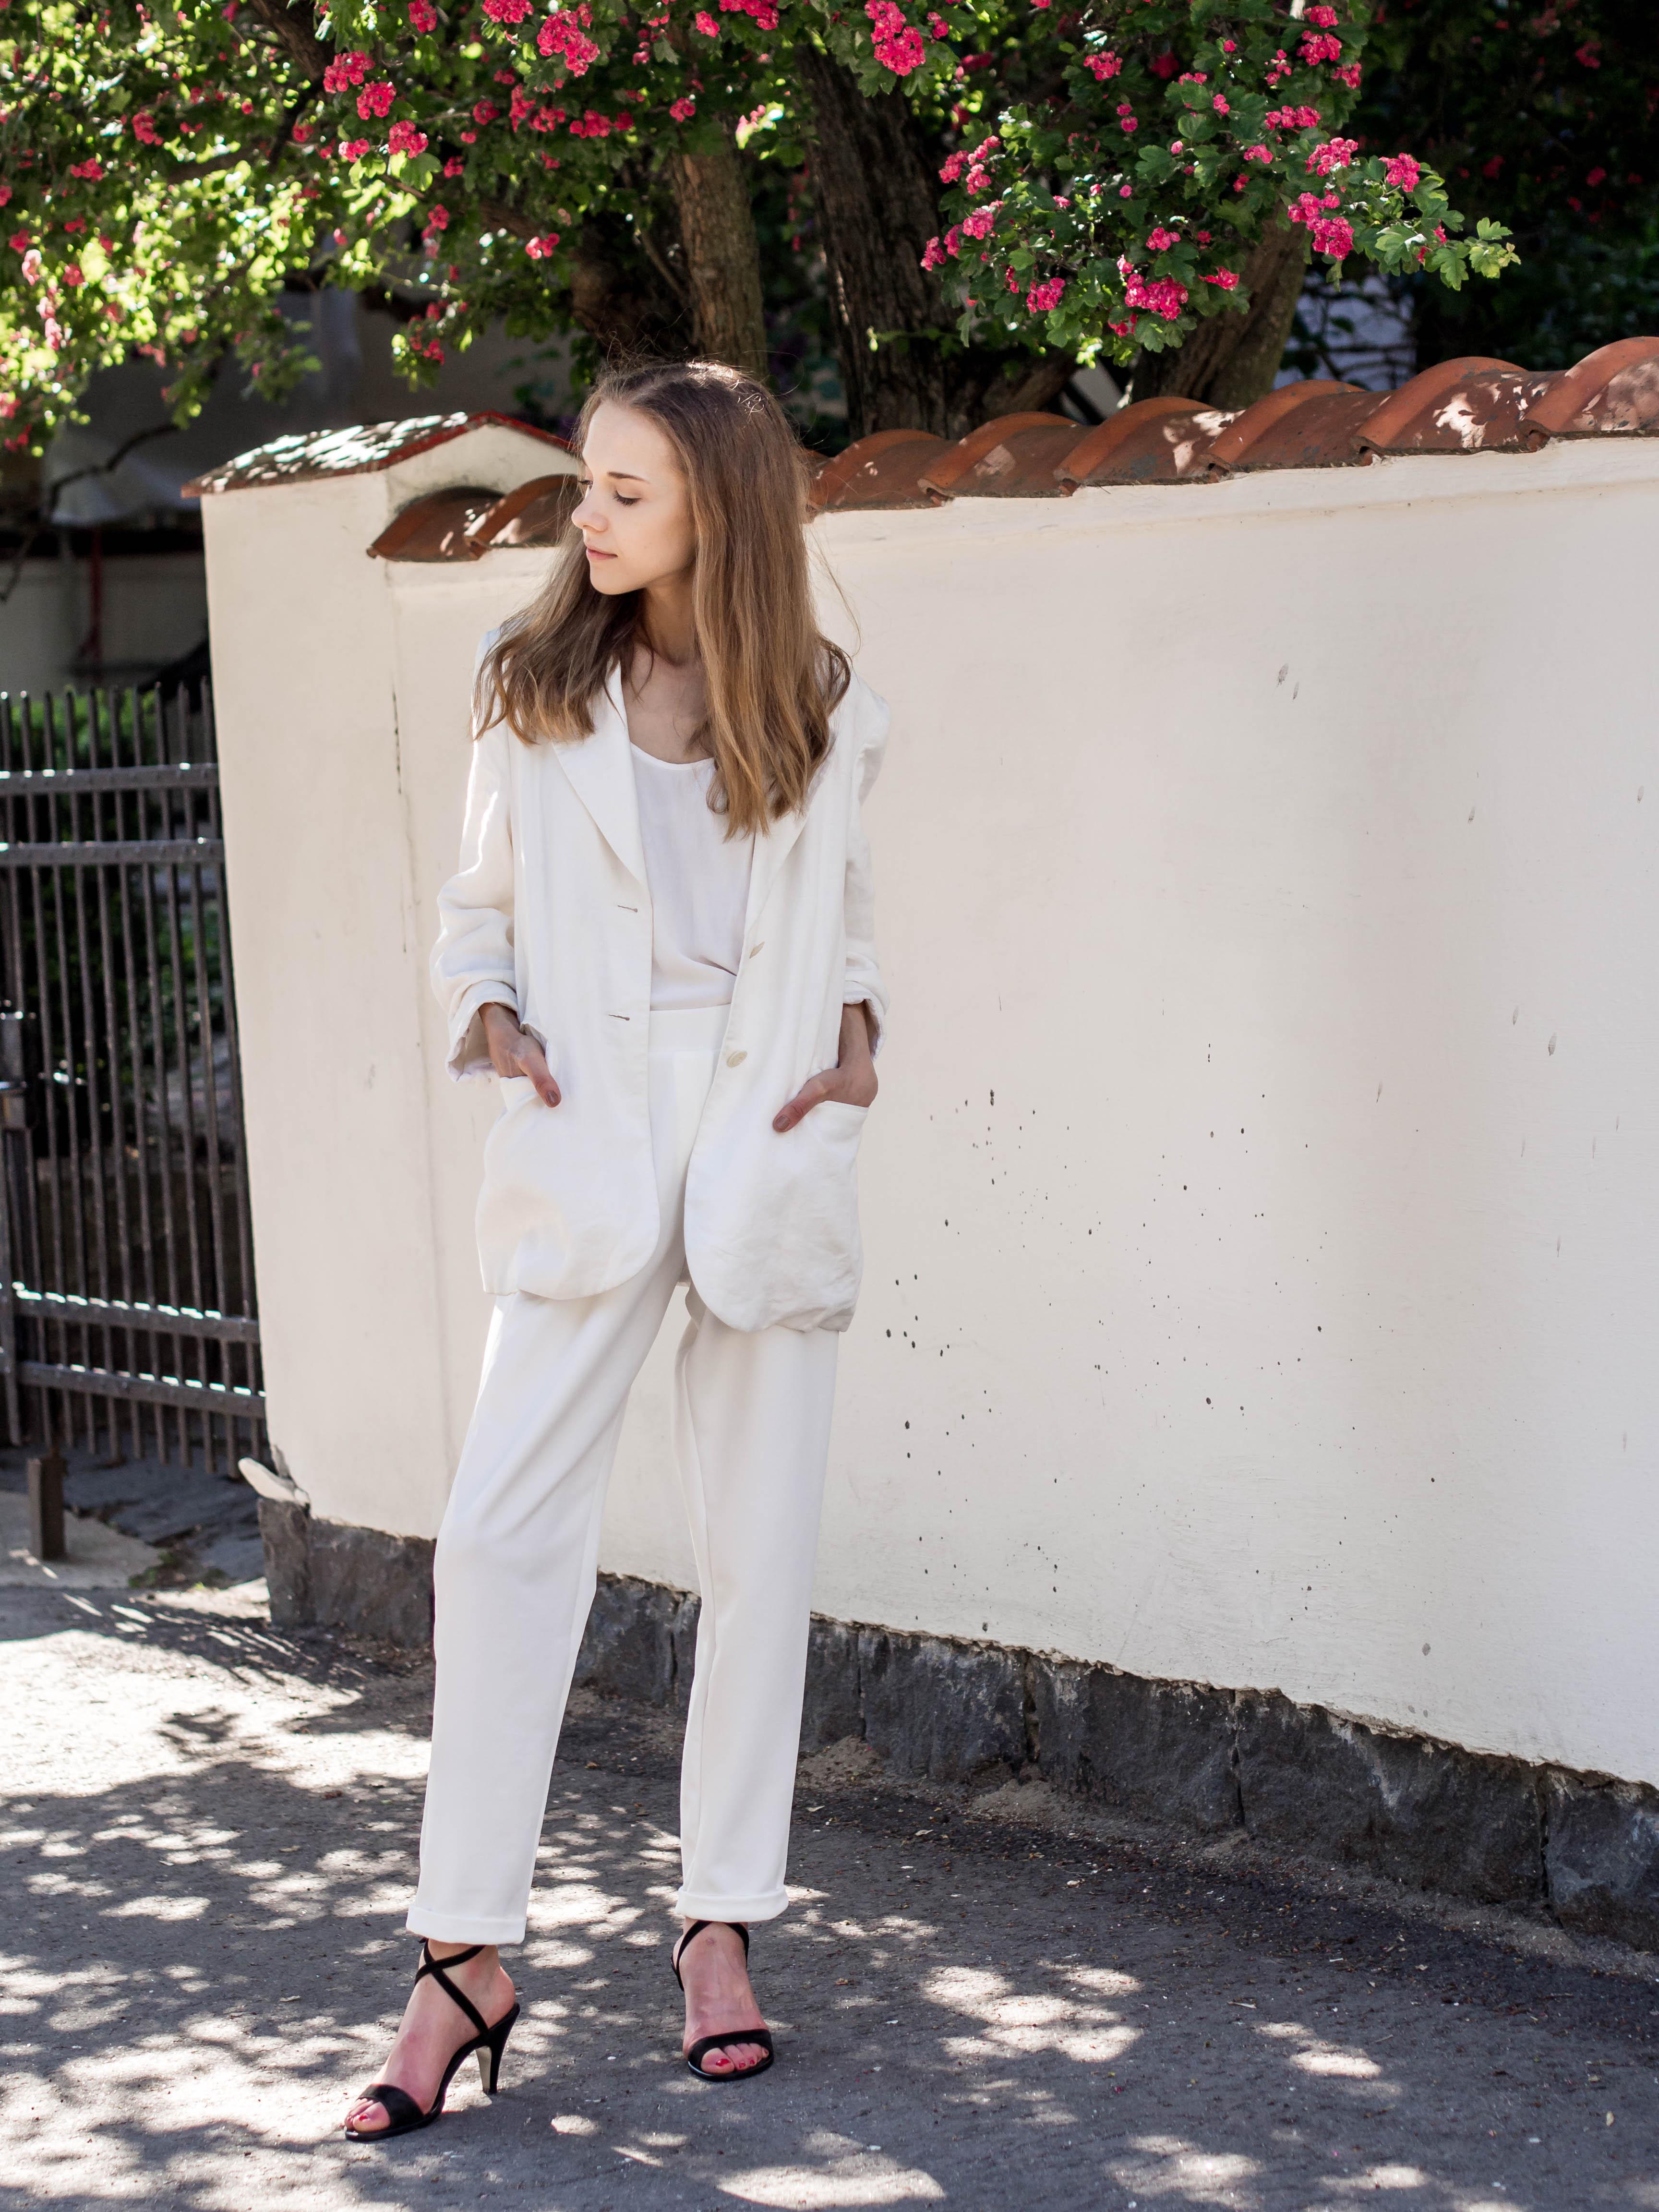 Fashion blogger summer outfit inspiration, white suit - Muotibloggaaja, kesämuoti, juhlapukeutuminen, valkoinen housupuku